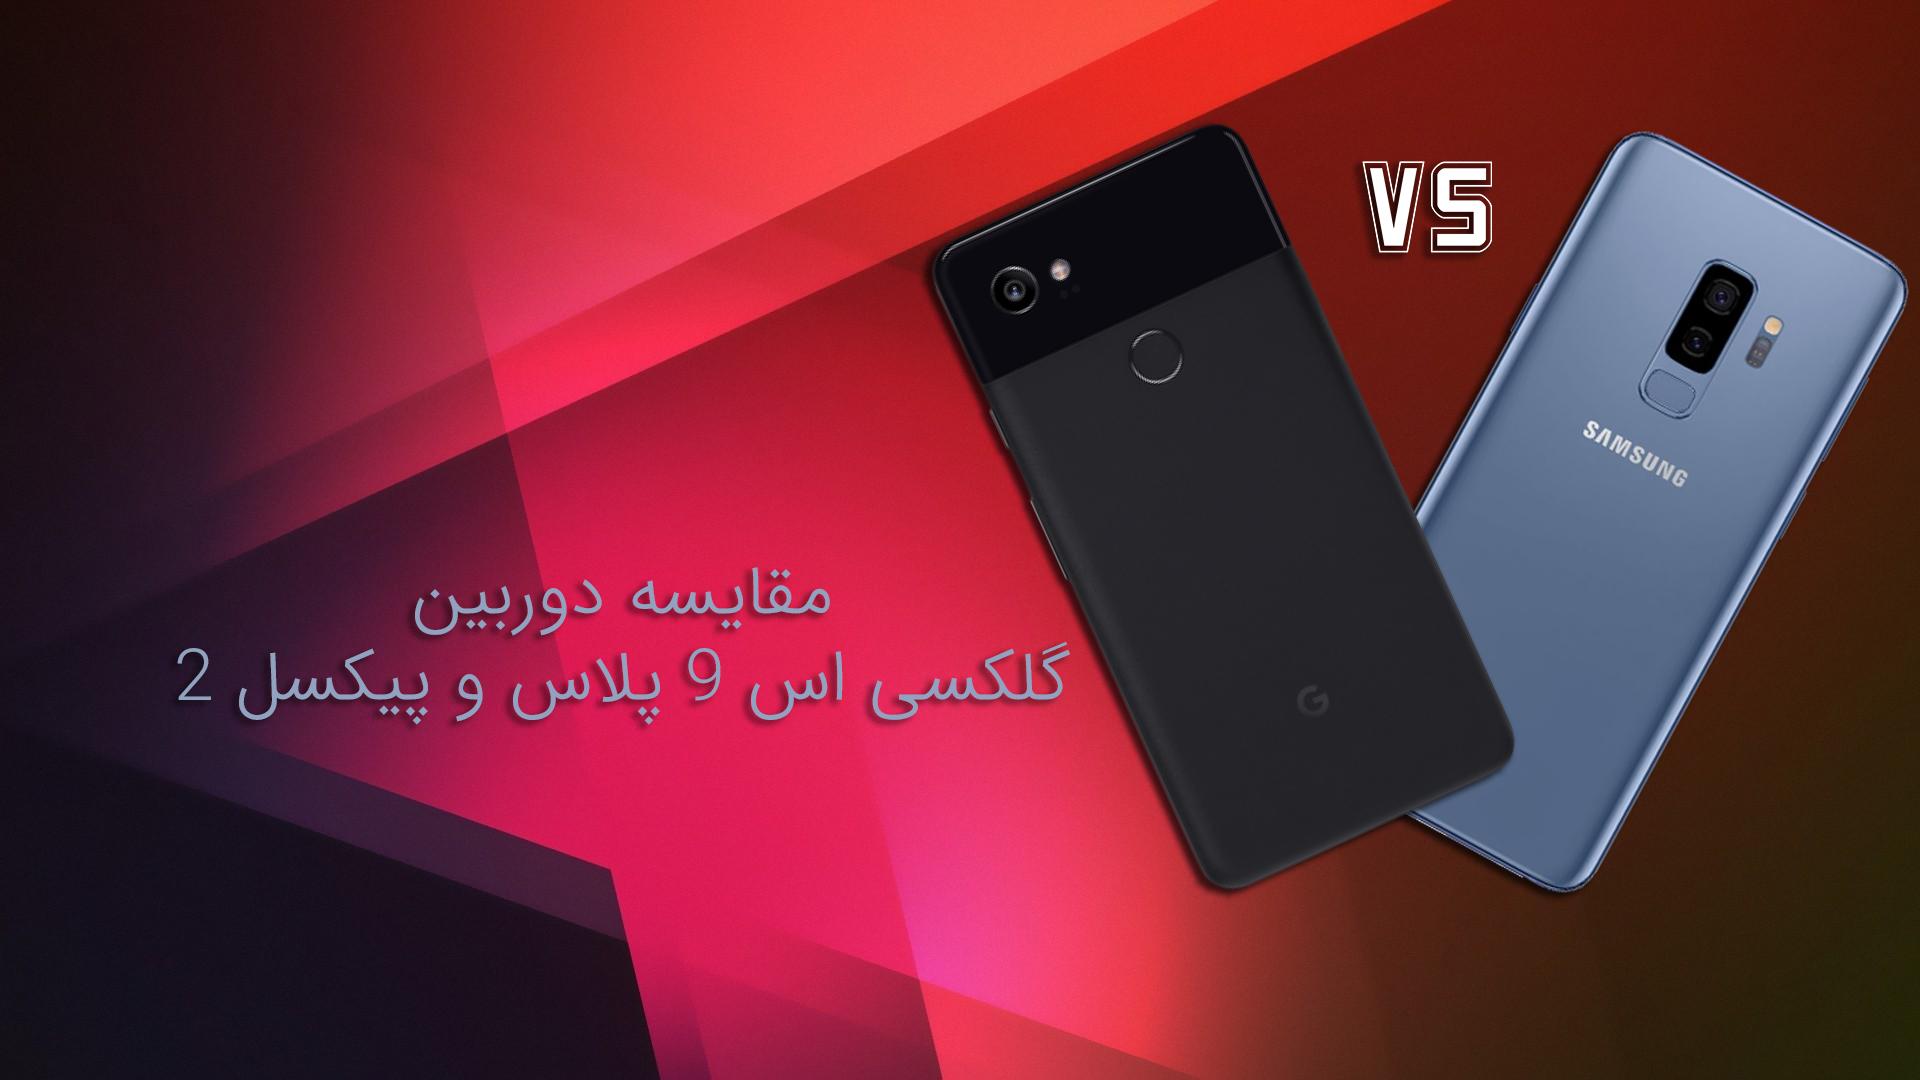 مقایسه دوربین گلکسی اس 9 پلاس با گوگل Pixel 2 XL